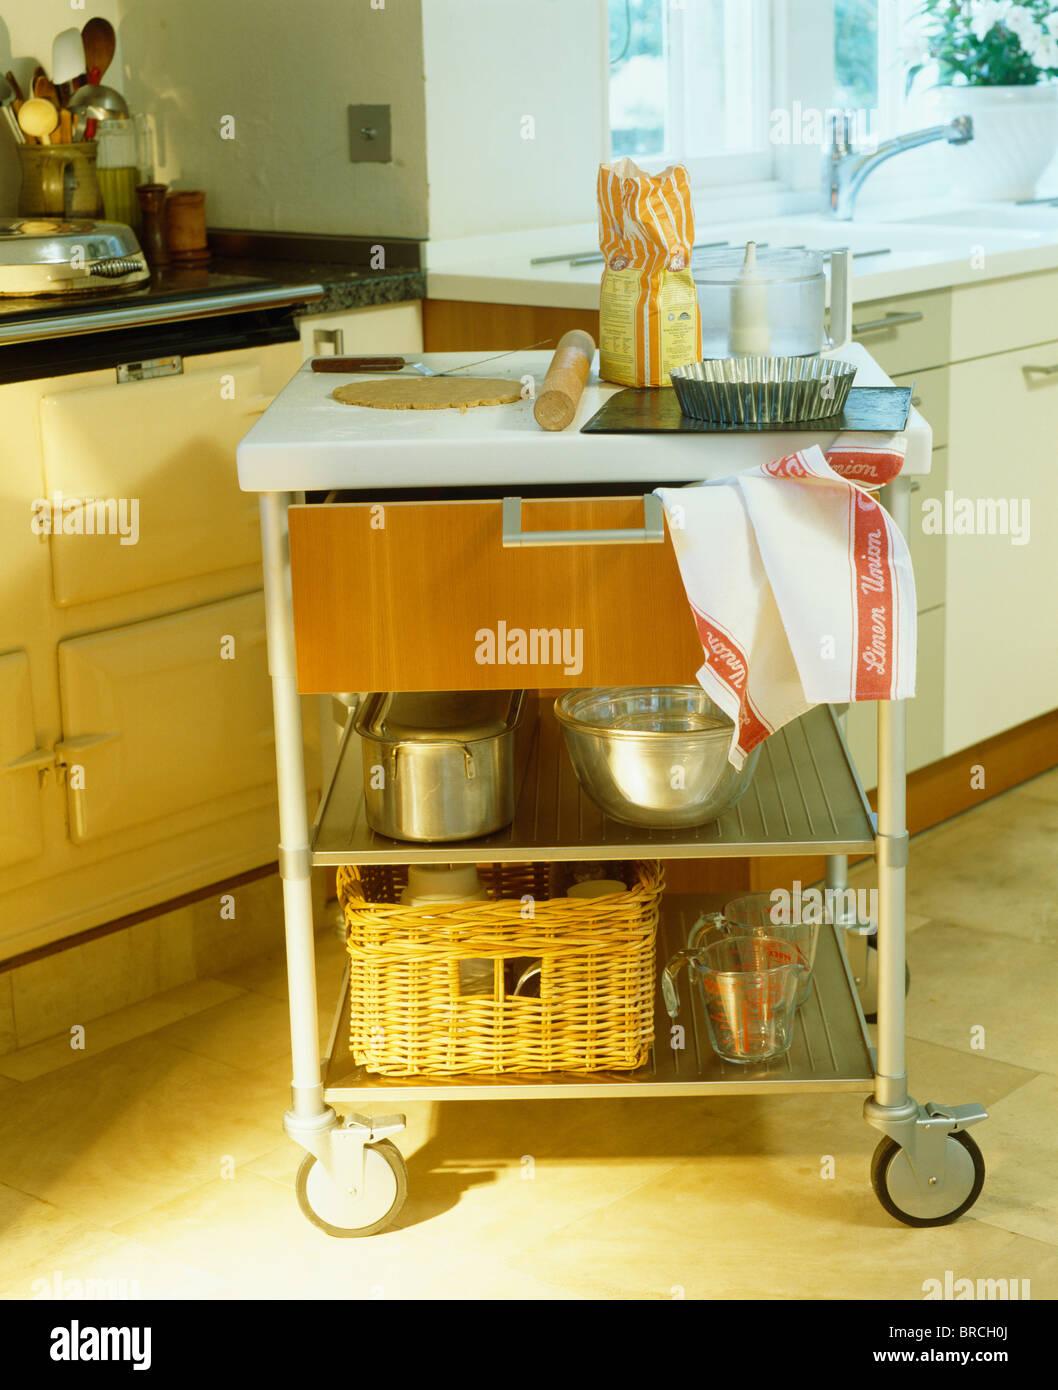 Storage Baskets Stockfotos & Storage Baskets Bilder - Seite 10 - Alamy